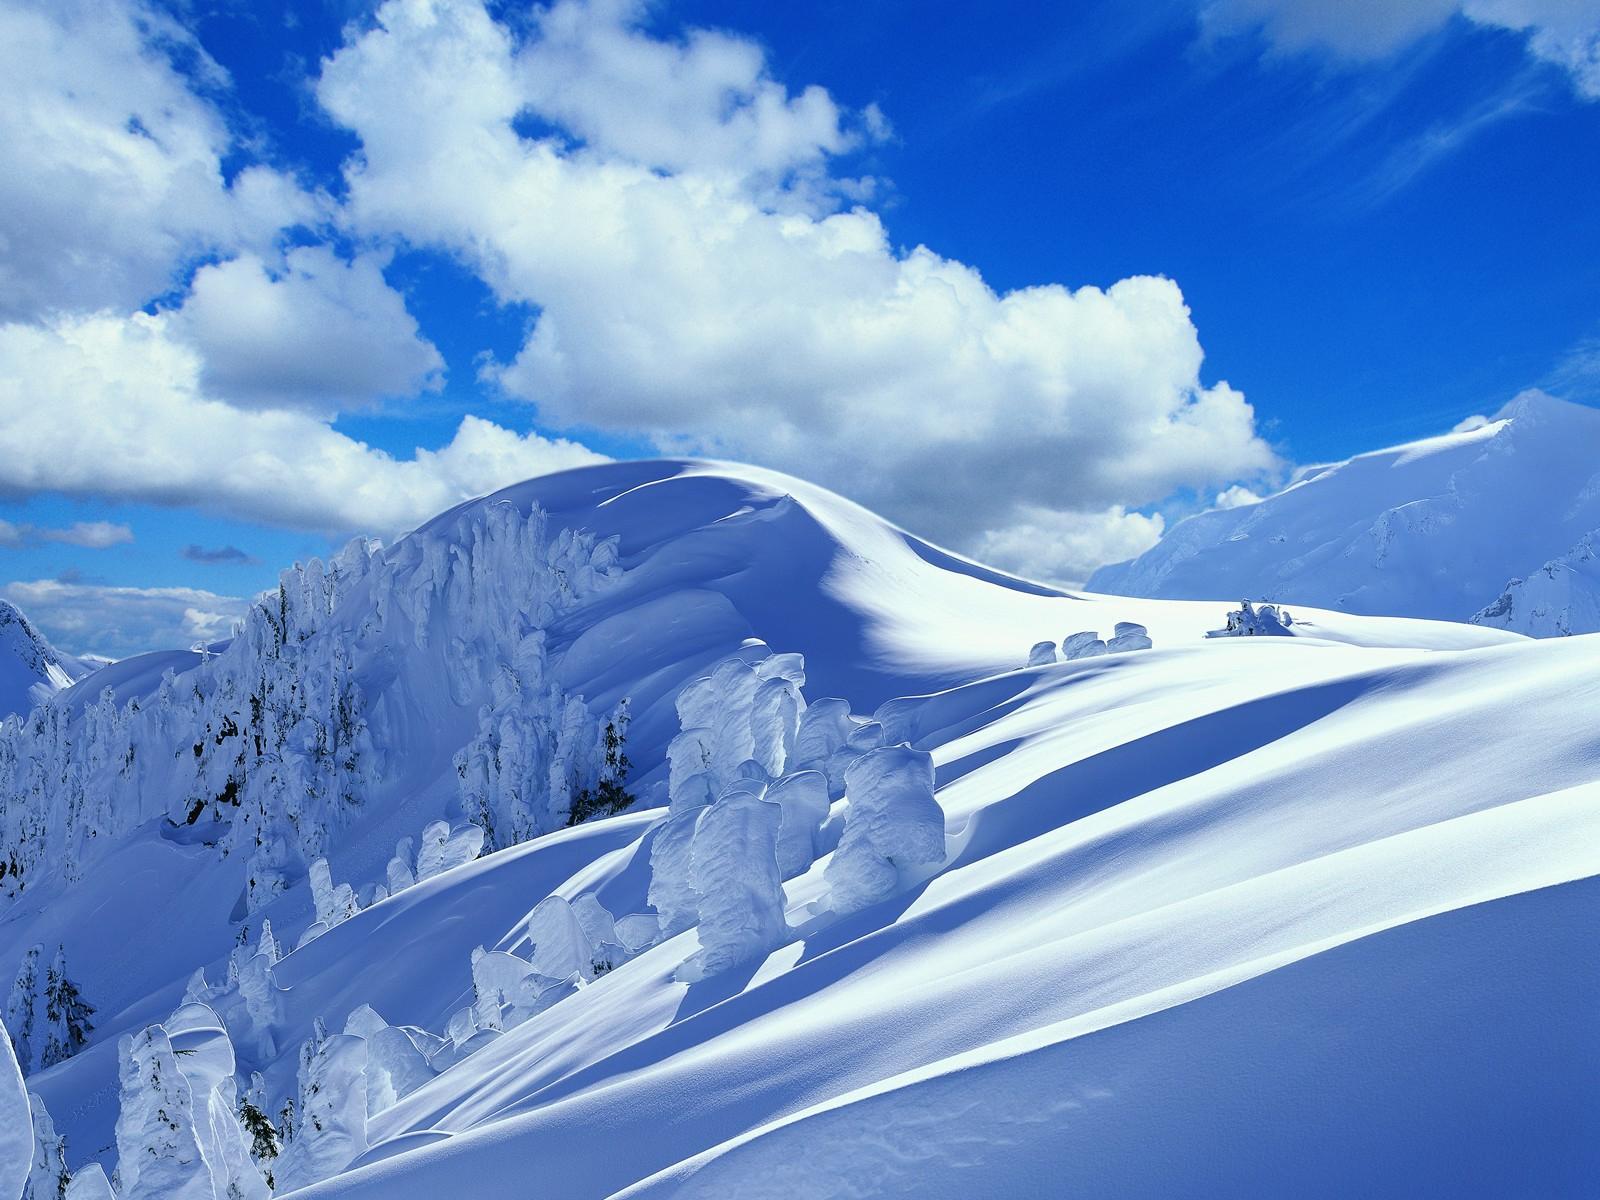 Sfondi Montagne Cielo La Neve Inverno Blu Alpi Nube